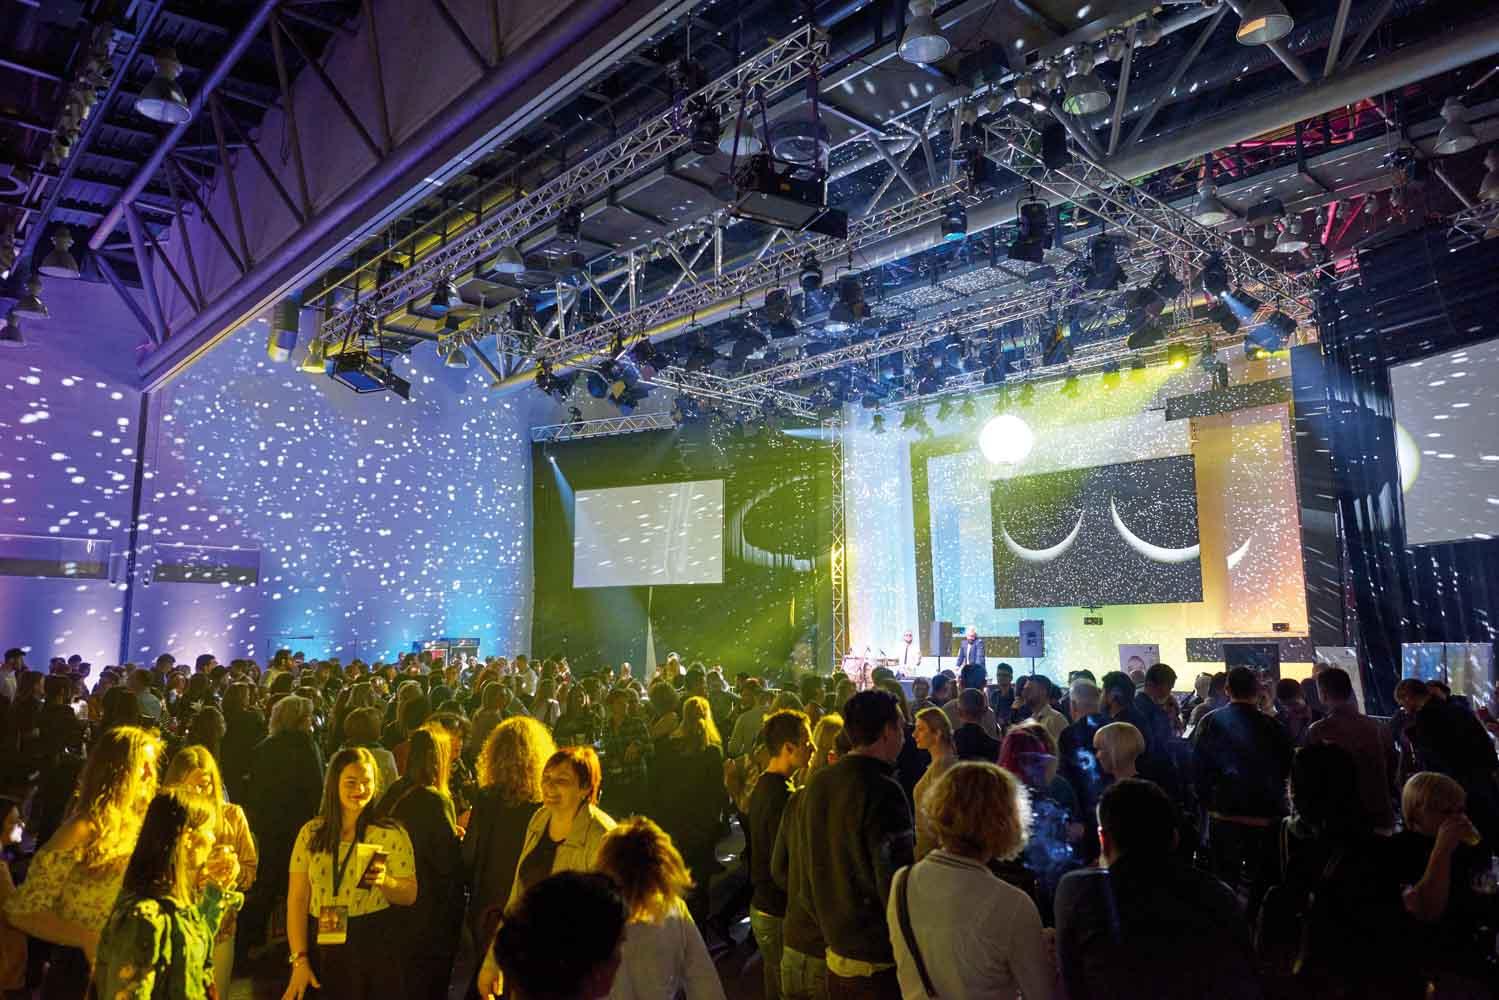 Atmosfera okupljanja frizera na službenoj festivalskoj zabavi